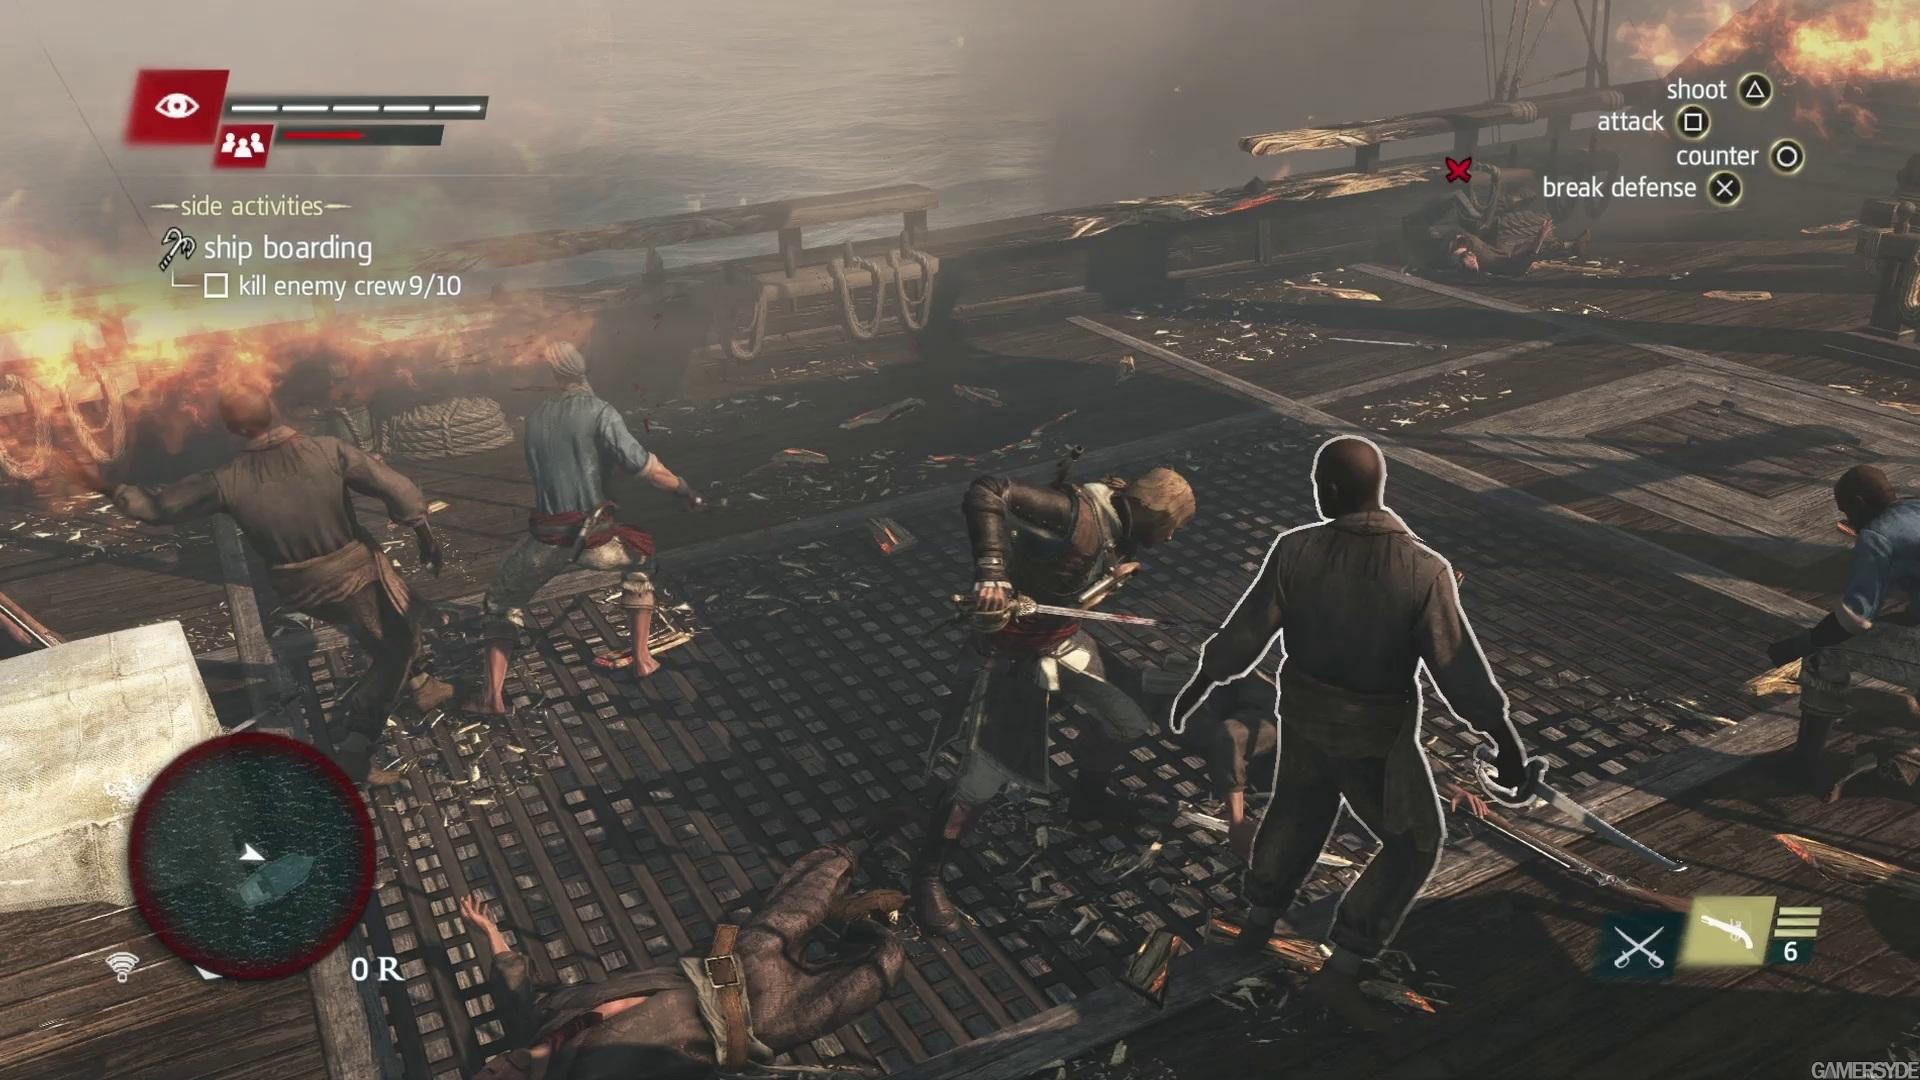 image   23118 1 0016 با تصاویر جدید Assassins Creed IV، شکار کوسه، پیدا کردن گنج ها در زیر آب و بیشتر را ببینید